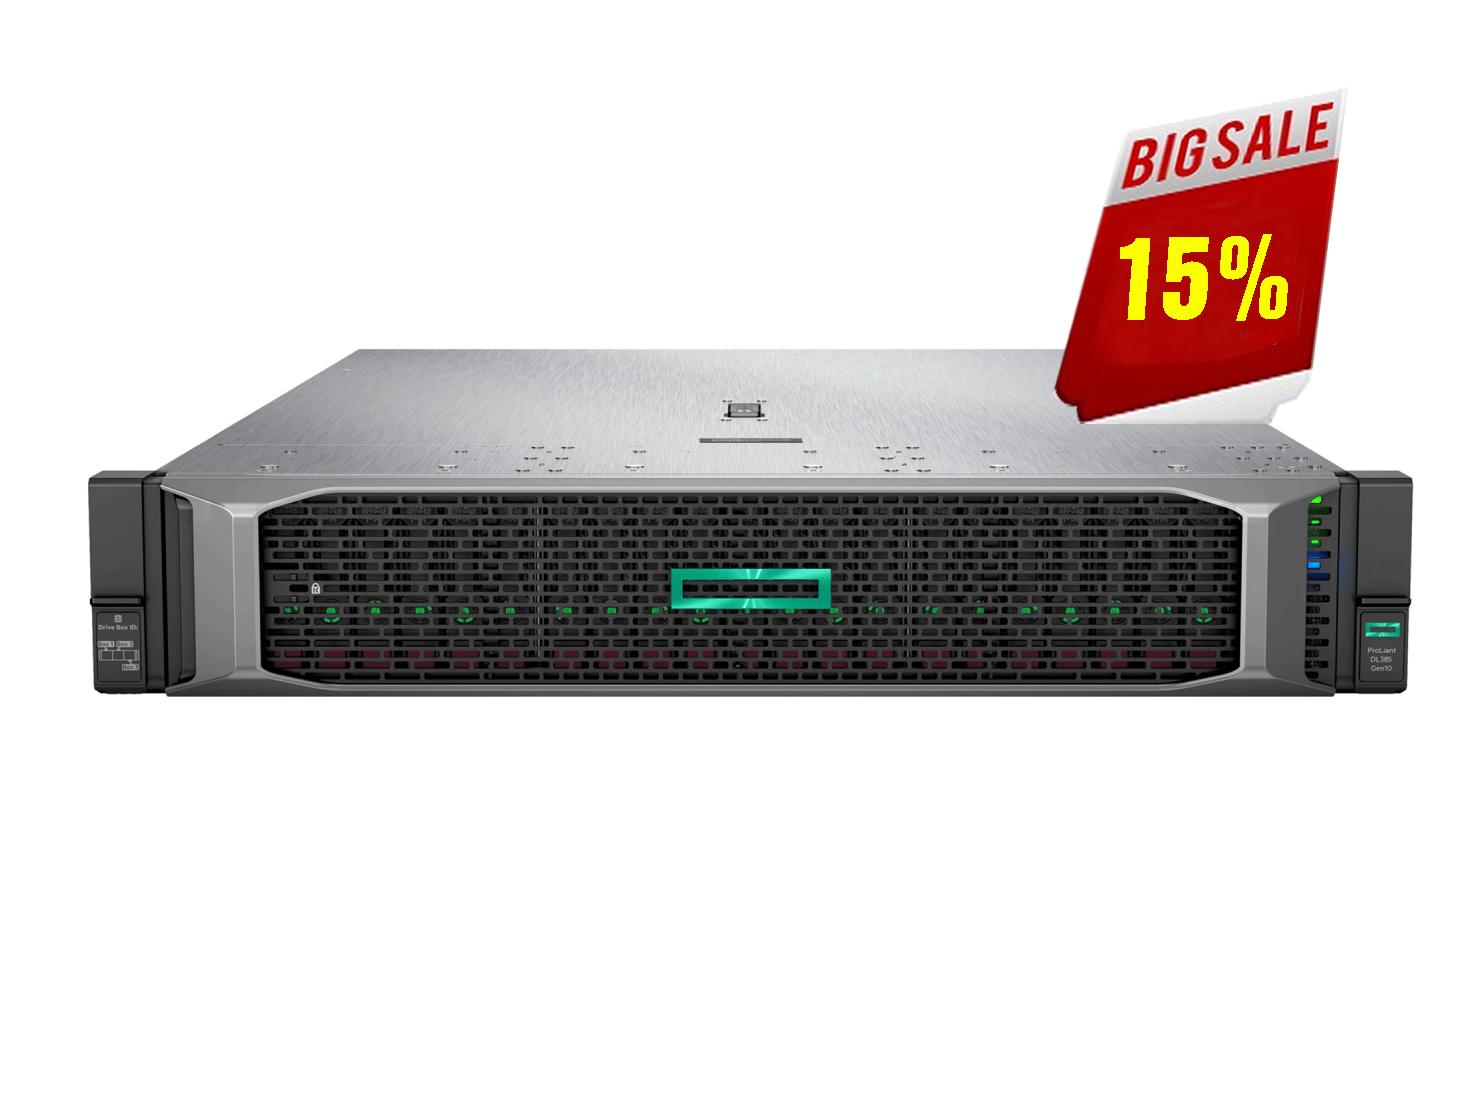 HPE DL385 Gen10 8SFF Server, 2xAMD EPYC 7282 (2.8GHz/16-core/120W), 2x16GB RAM, 1x600GB HDD, SA P408i-a SR SAS/SATA, 2x800W PS, 3Y WTY